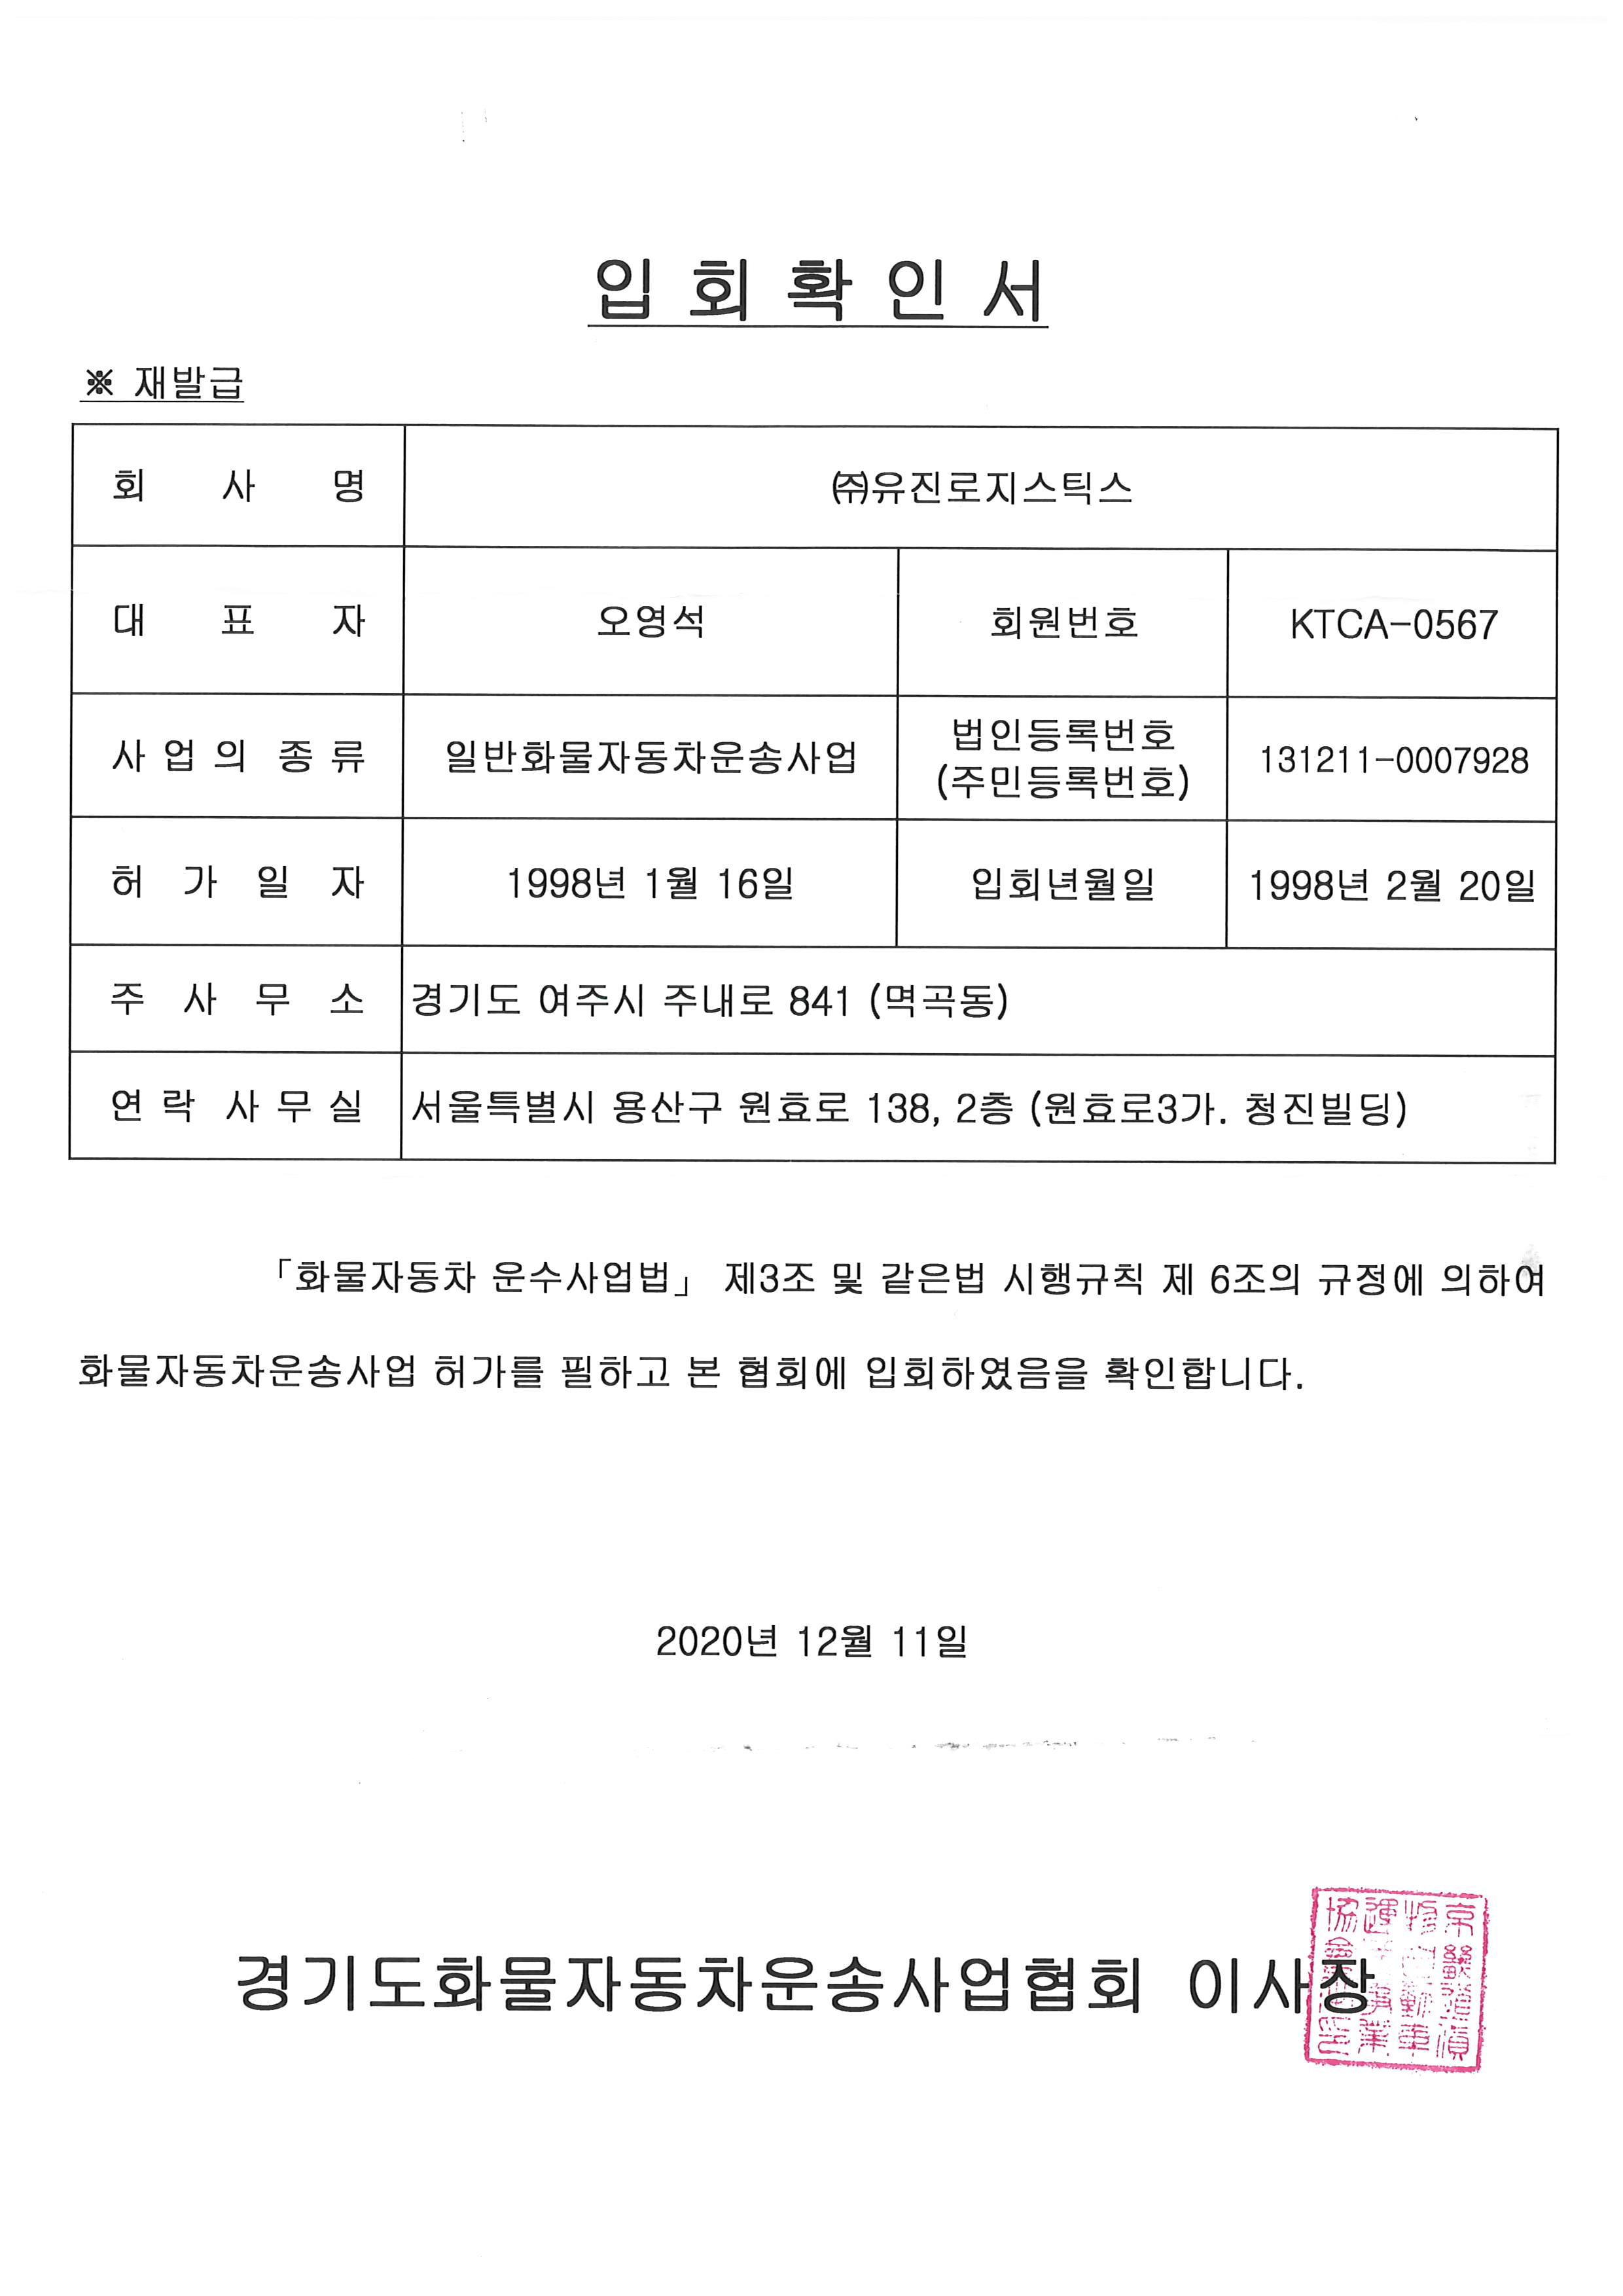 19_유진로지스틱스_화물협회_입회확인서